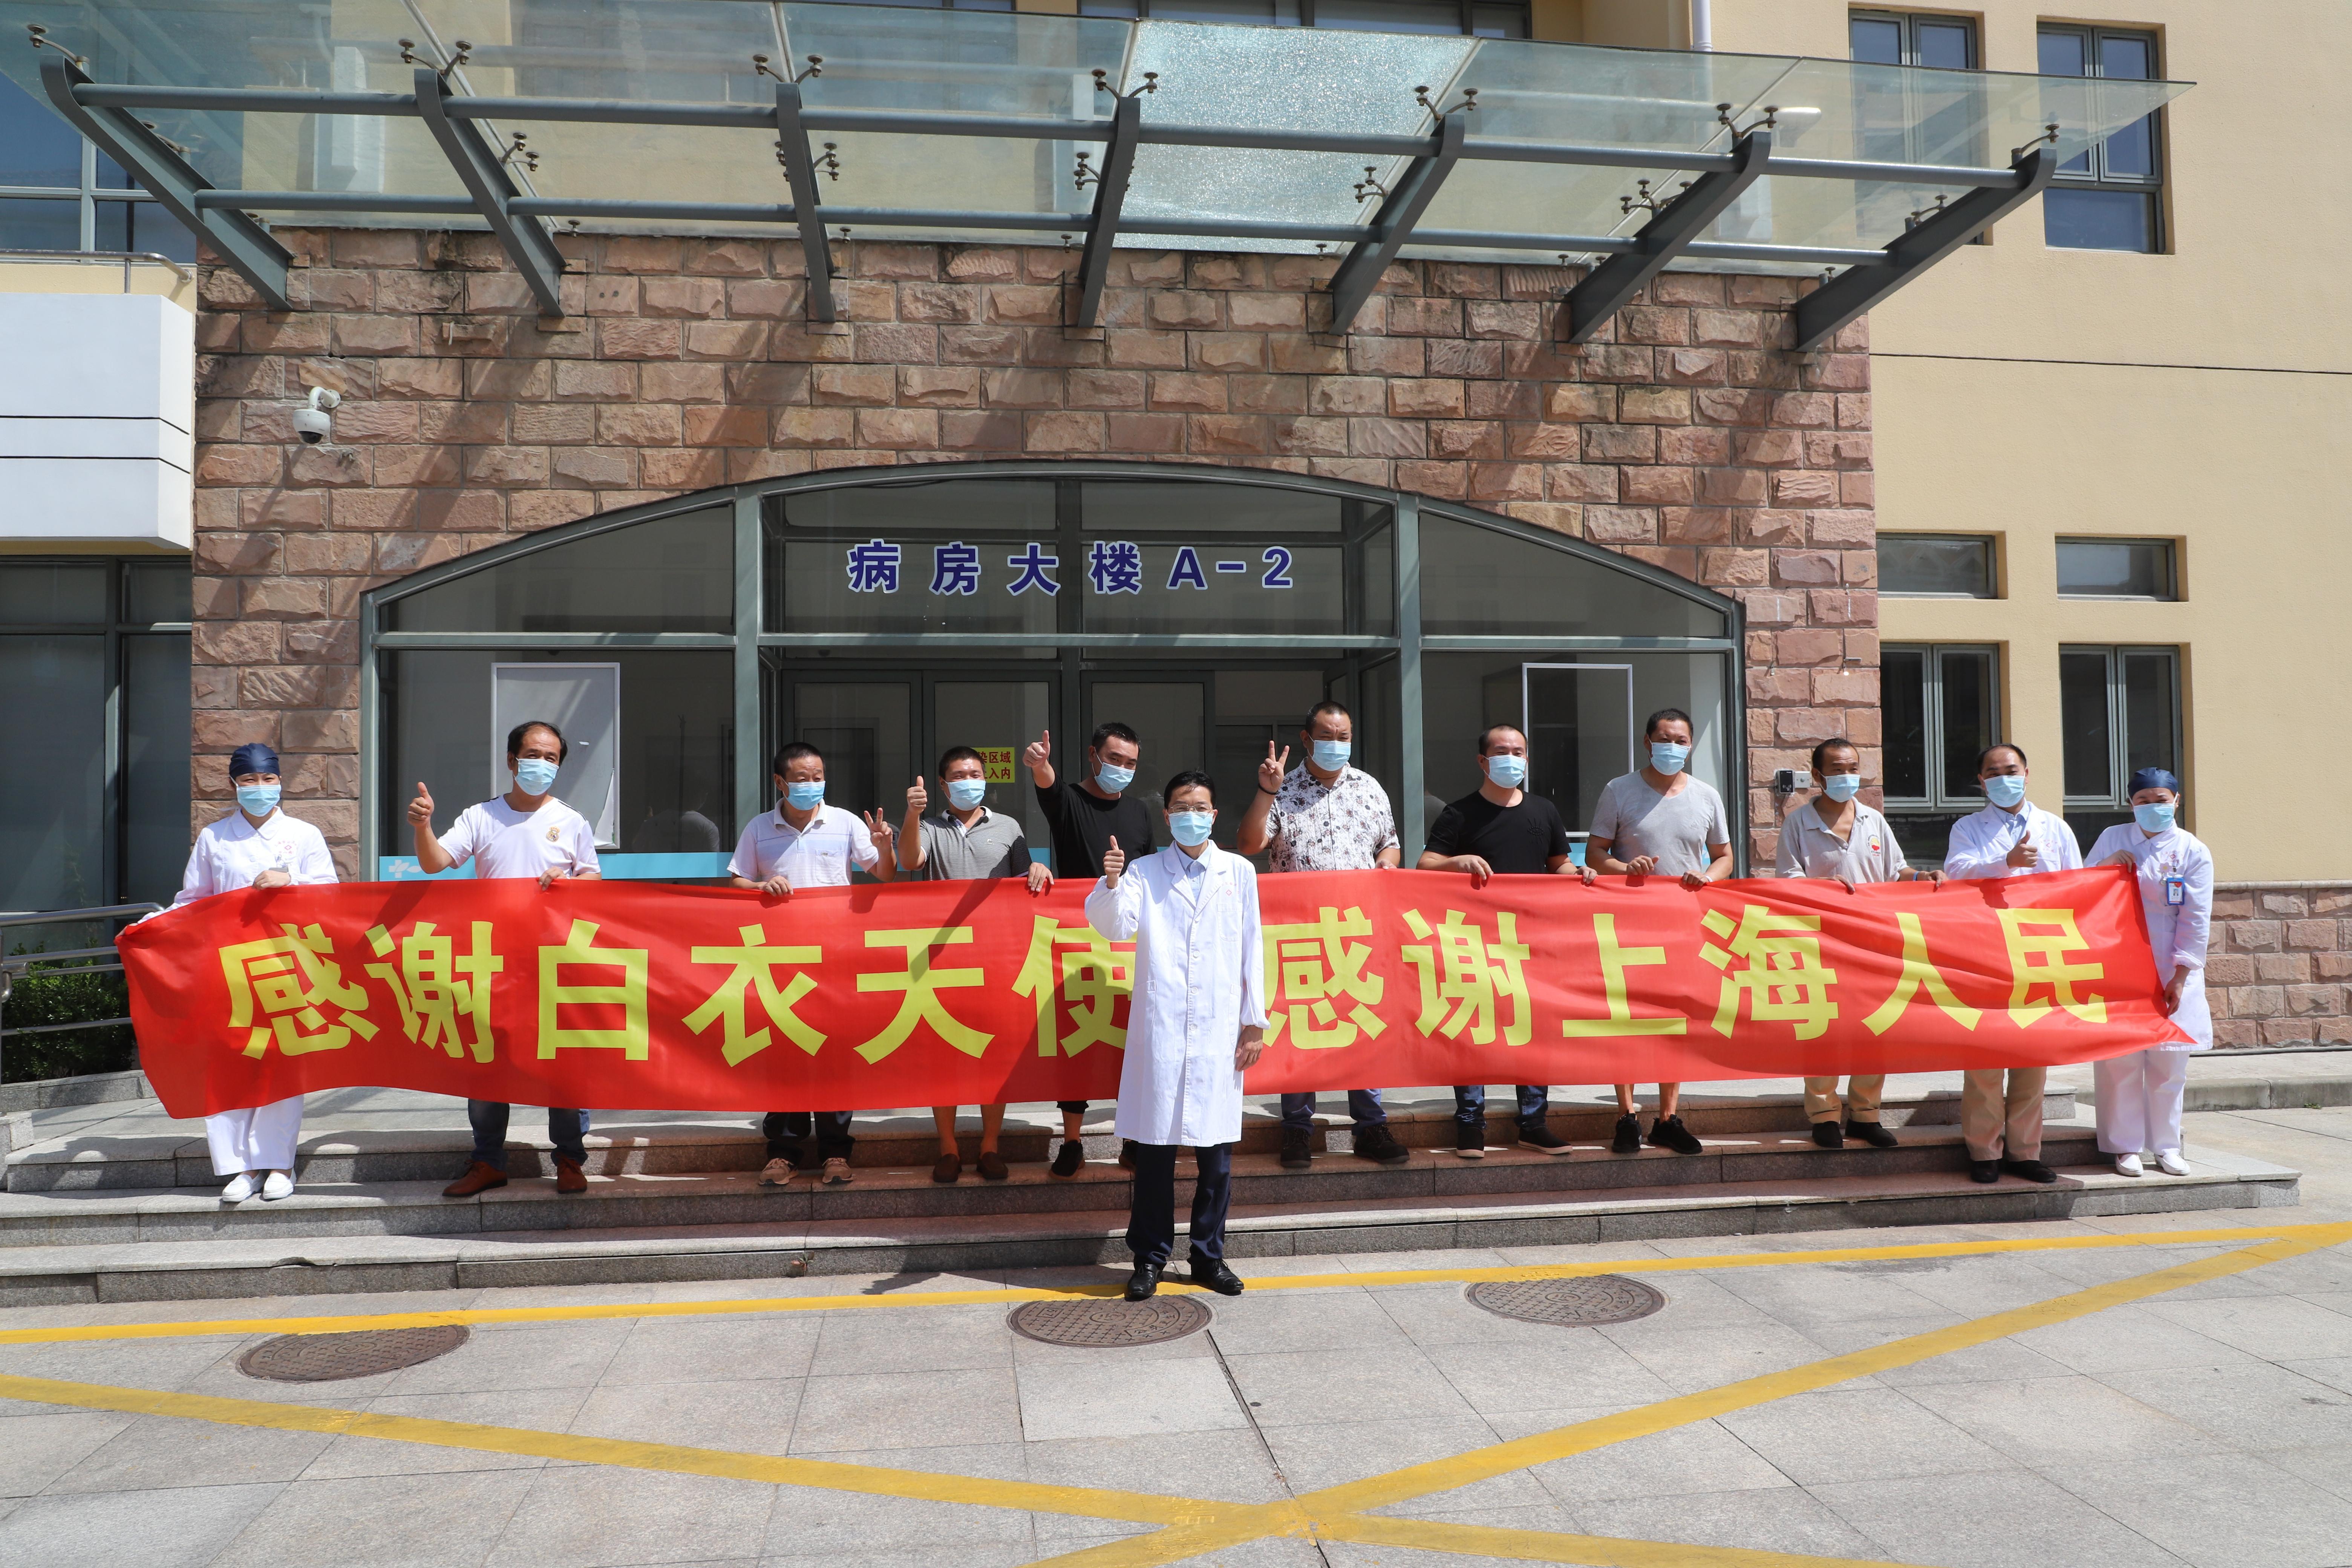 昨天15例,今天8例,上海新冠患者集体出院